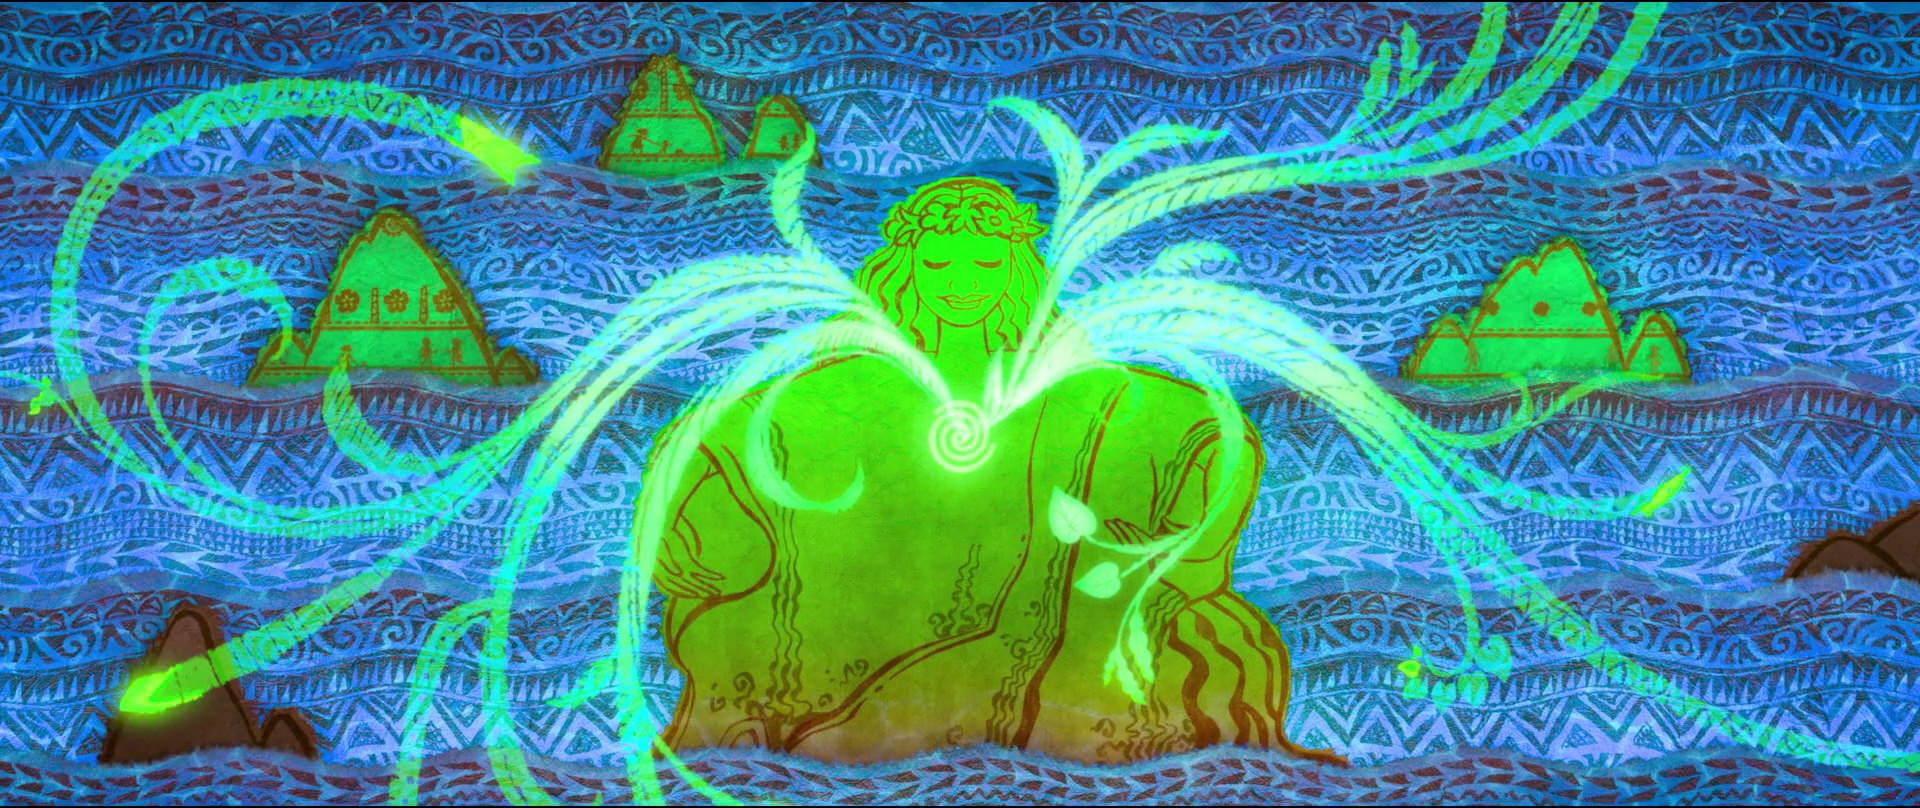 Image te fiti moana jpg disney wiki fandom powered by wikia